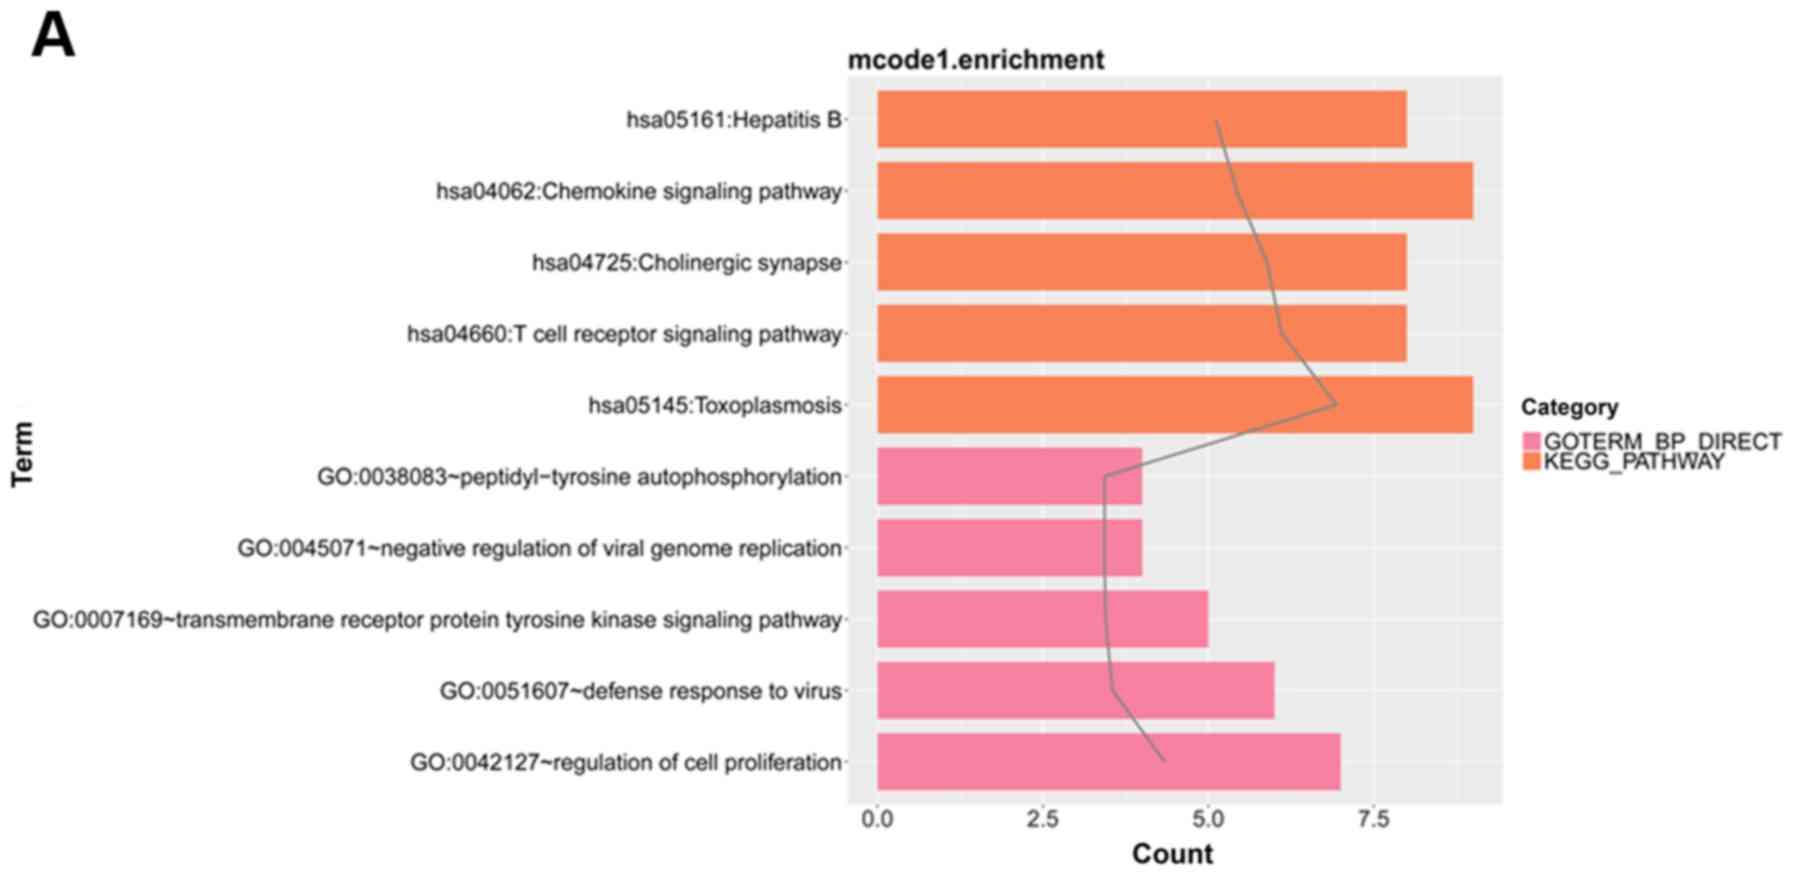 Gene module analysis of juvenile myelomonocytic leukemia and